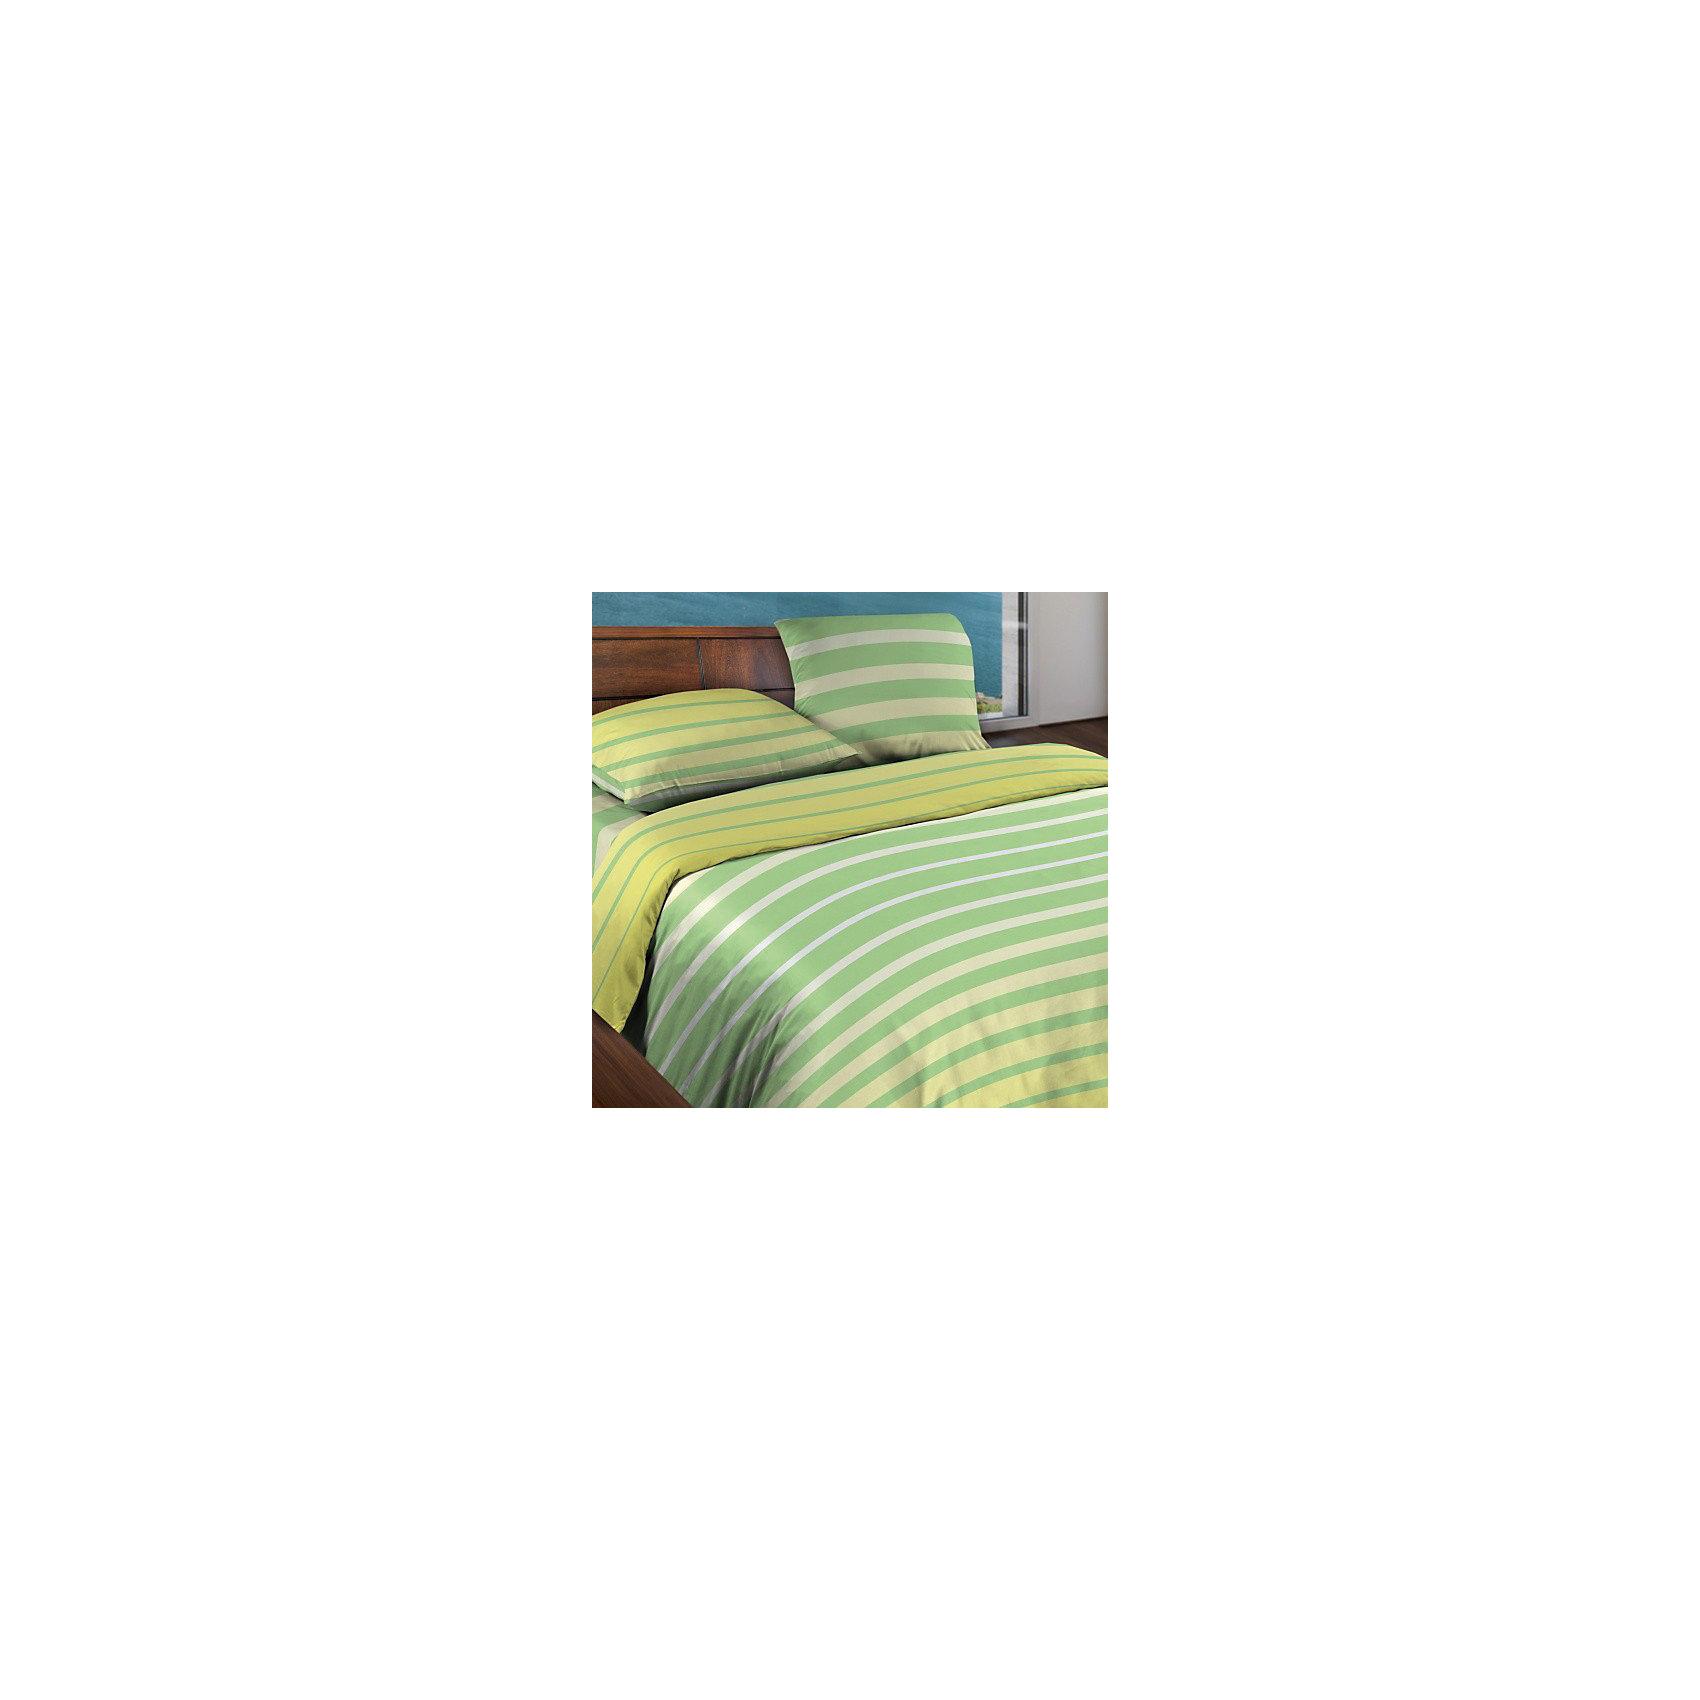 Постельное белье Евро Stripe Green БИО Комфорт, Wenge MotionДомашний текстиль<br>Характеристики 1,5 спального комплекта постельного белья   Stripe Green  БИО Комфорт, Wenge Motion:<br><br>- производитель: Неотек<br>- материал: бязь<br>- состав: 100% хлопок<br>- размер комплекта: евро размер<br>- размер пододеяльника: 215*240 см.<br>- размер простыни: 220*240 см.<br>- размер наволочек: 70*70 (2 шт)<br>- упаковка комплекта: книжка пвх<br>- страна бренда: Россия<br>- страна производитель: Россия<br><br>Купив комплект постельного белья евро размера  Stripe Green серии Wenge Motion, Вы получите модный однотонный дизайн, который подойдет под любой интерьер, и позволит экспериментировать с сочетаниями красок. Оригинальная форма упаковки привлечет Ваше внимание, предоставит 100% информации об изделии. Постельное бельё шьётся из высококачественной бязи - БИОкомфорт, которая обладает повышенными показателями износостойкости при очень демократично цене. Ткань приятная на ощупь, не деформируется при эксплуатации.<br><br>Комплекта постельного белья   Stripe Green  серии Wenge Motion можно купить в нашем интернет-магазине.<br><br>Ширина мм: 370<br>Глубина мм: 70<br>Высота мм: 370<br>Вес г: 2500<br>Возраст от месяцев: 216<br>Возраст до месяцев: 1188<br>Пол: Унисекс<br>Возраст: Детский<br>SKU: 5100150